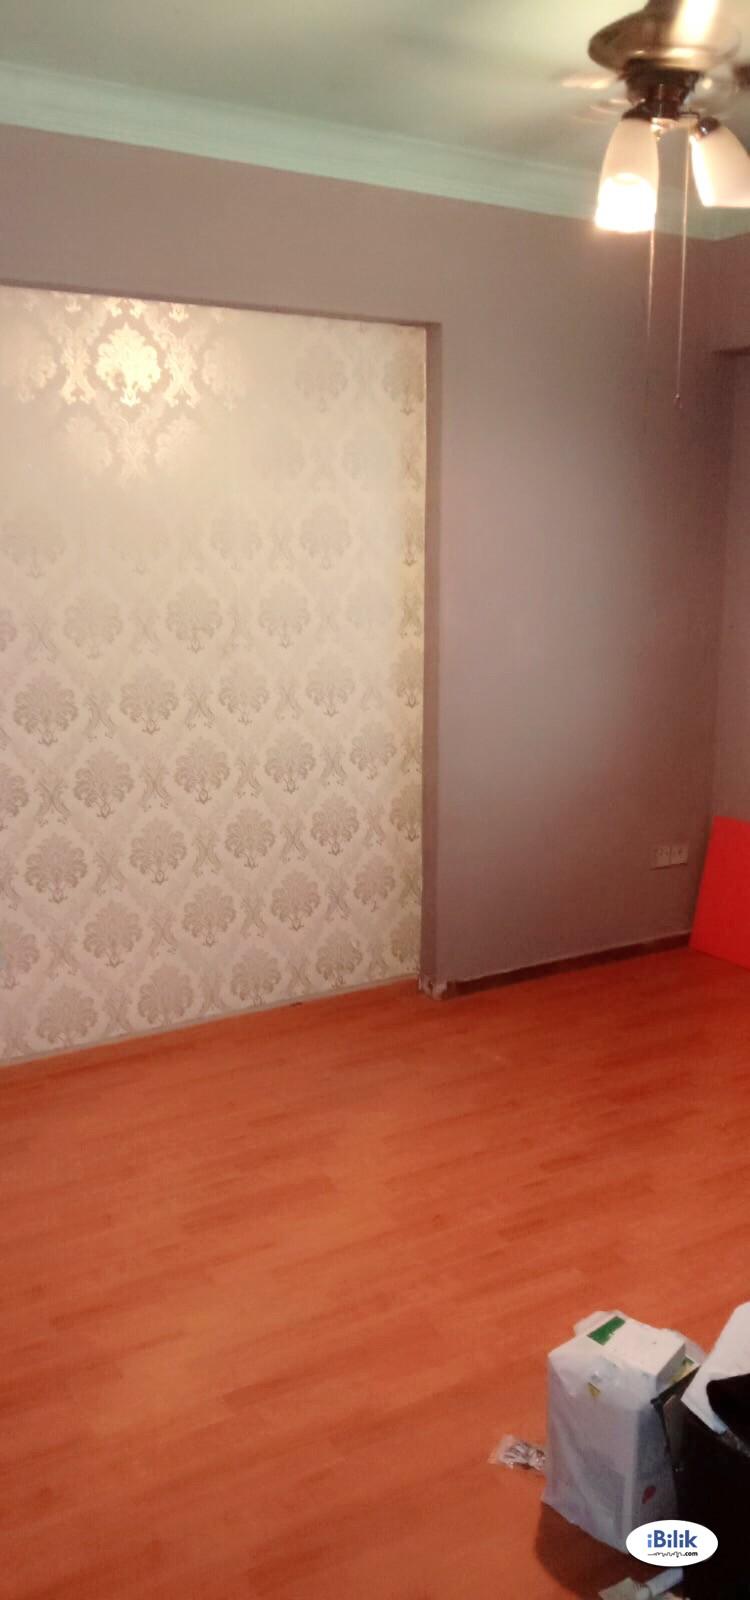 Single Room at Choa Chu Kang, Singapore